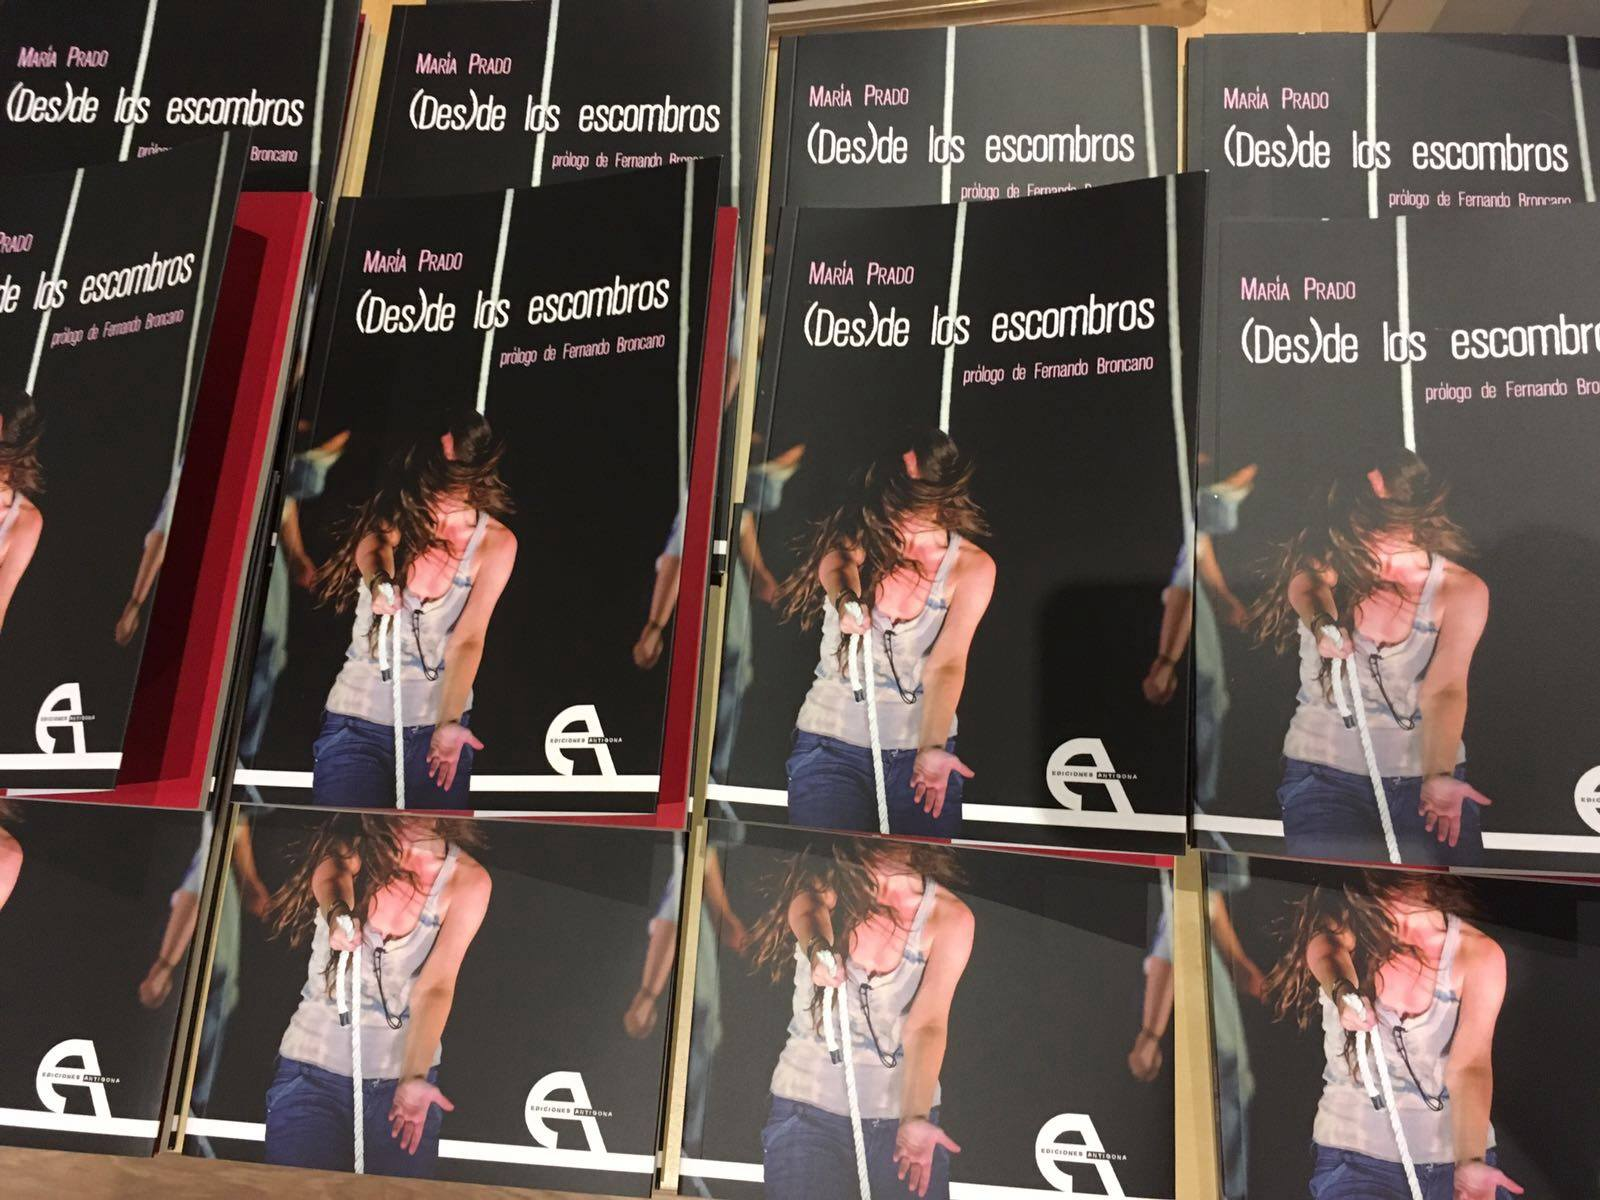 (Des)de los escombros publicada por Ediciones Antígona #Niunmessindramaturgas